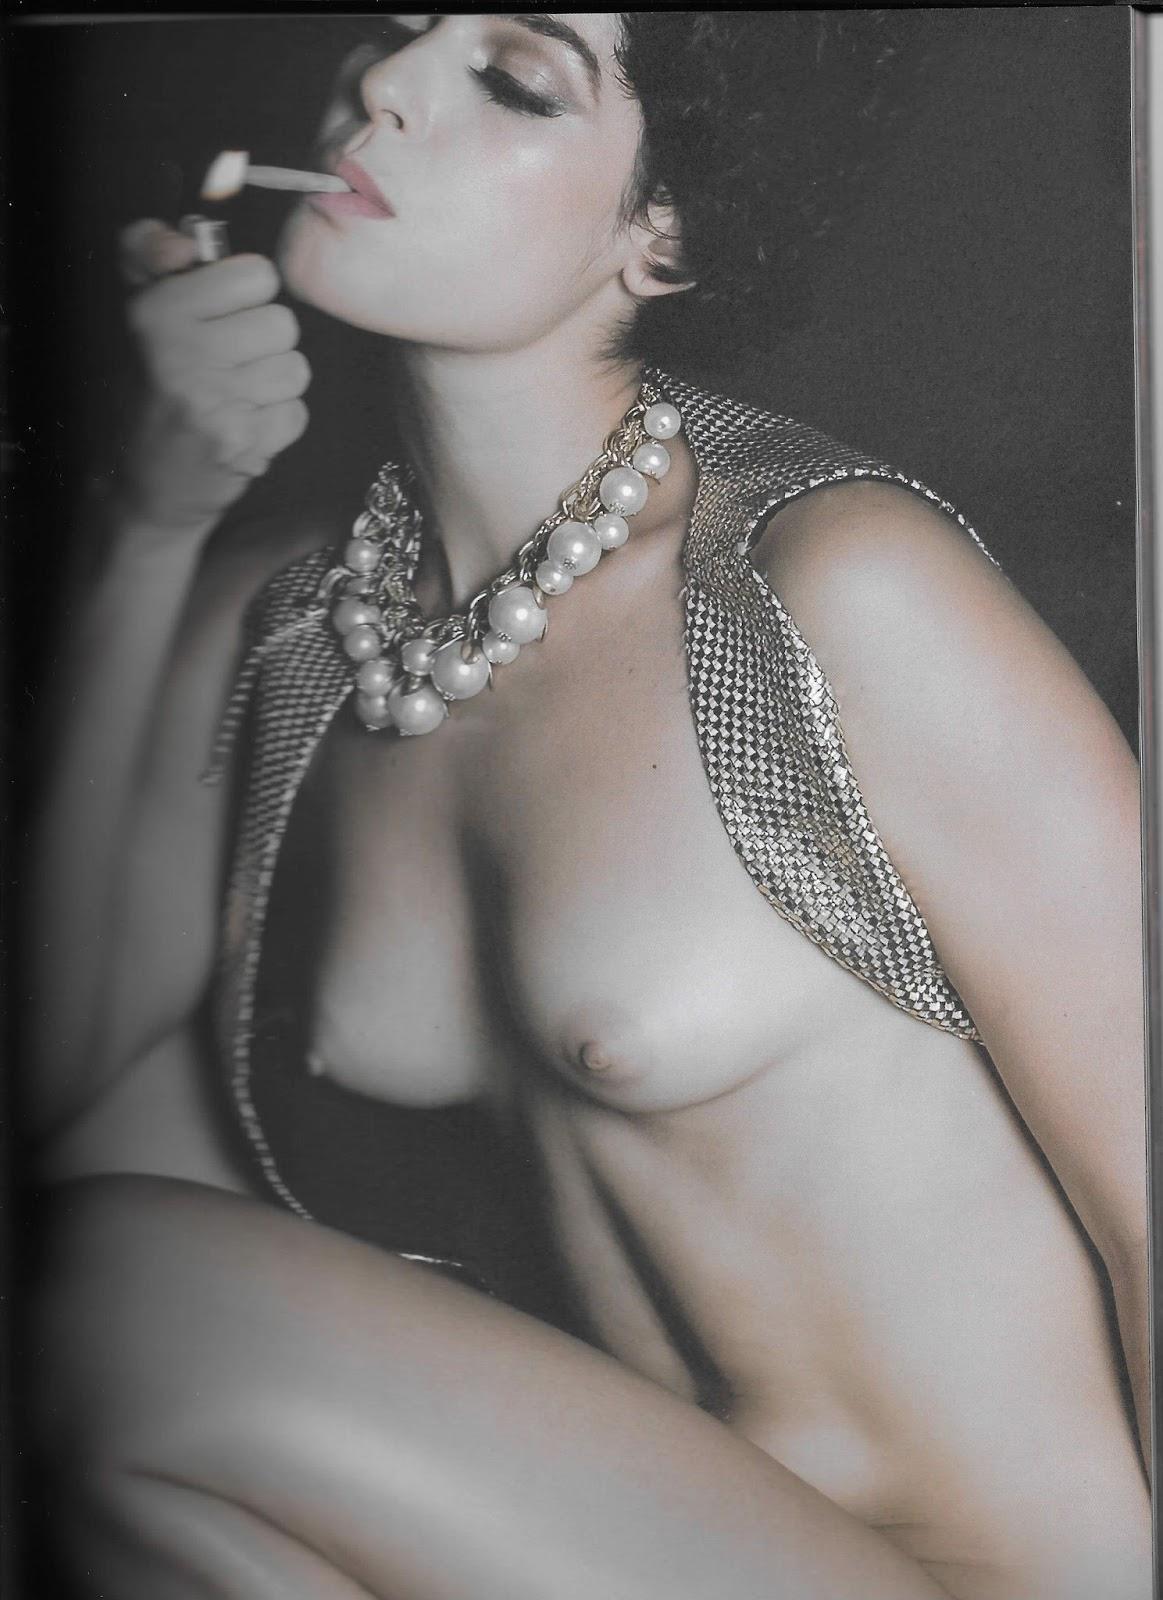 Maria Flor nua na Revista #3 oloxa maria8